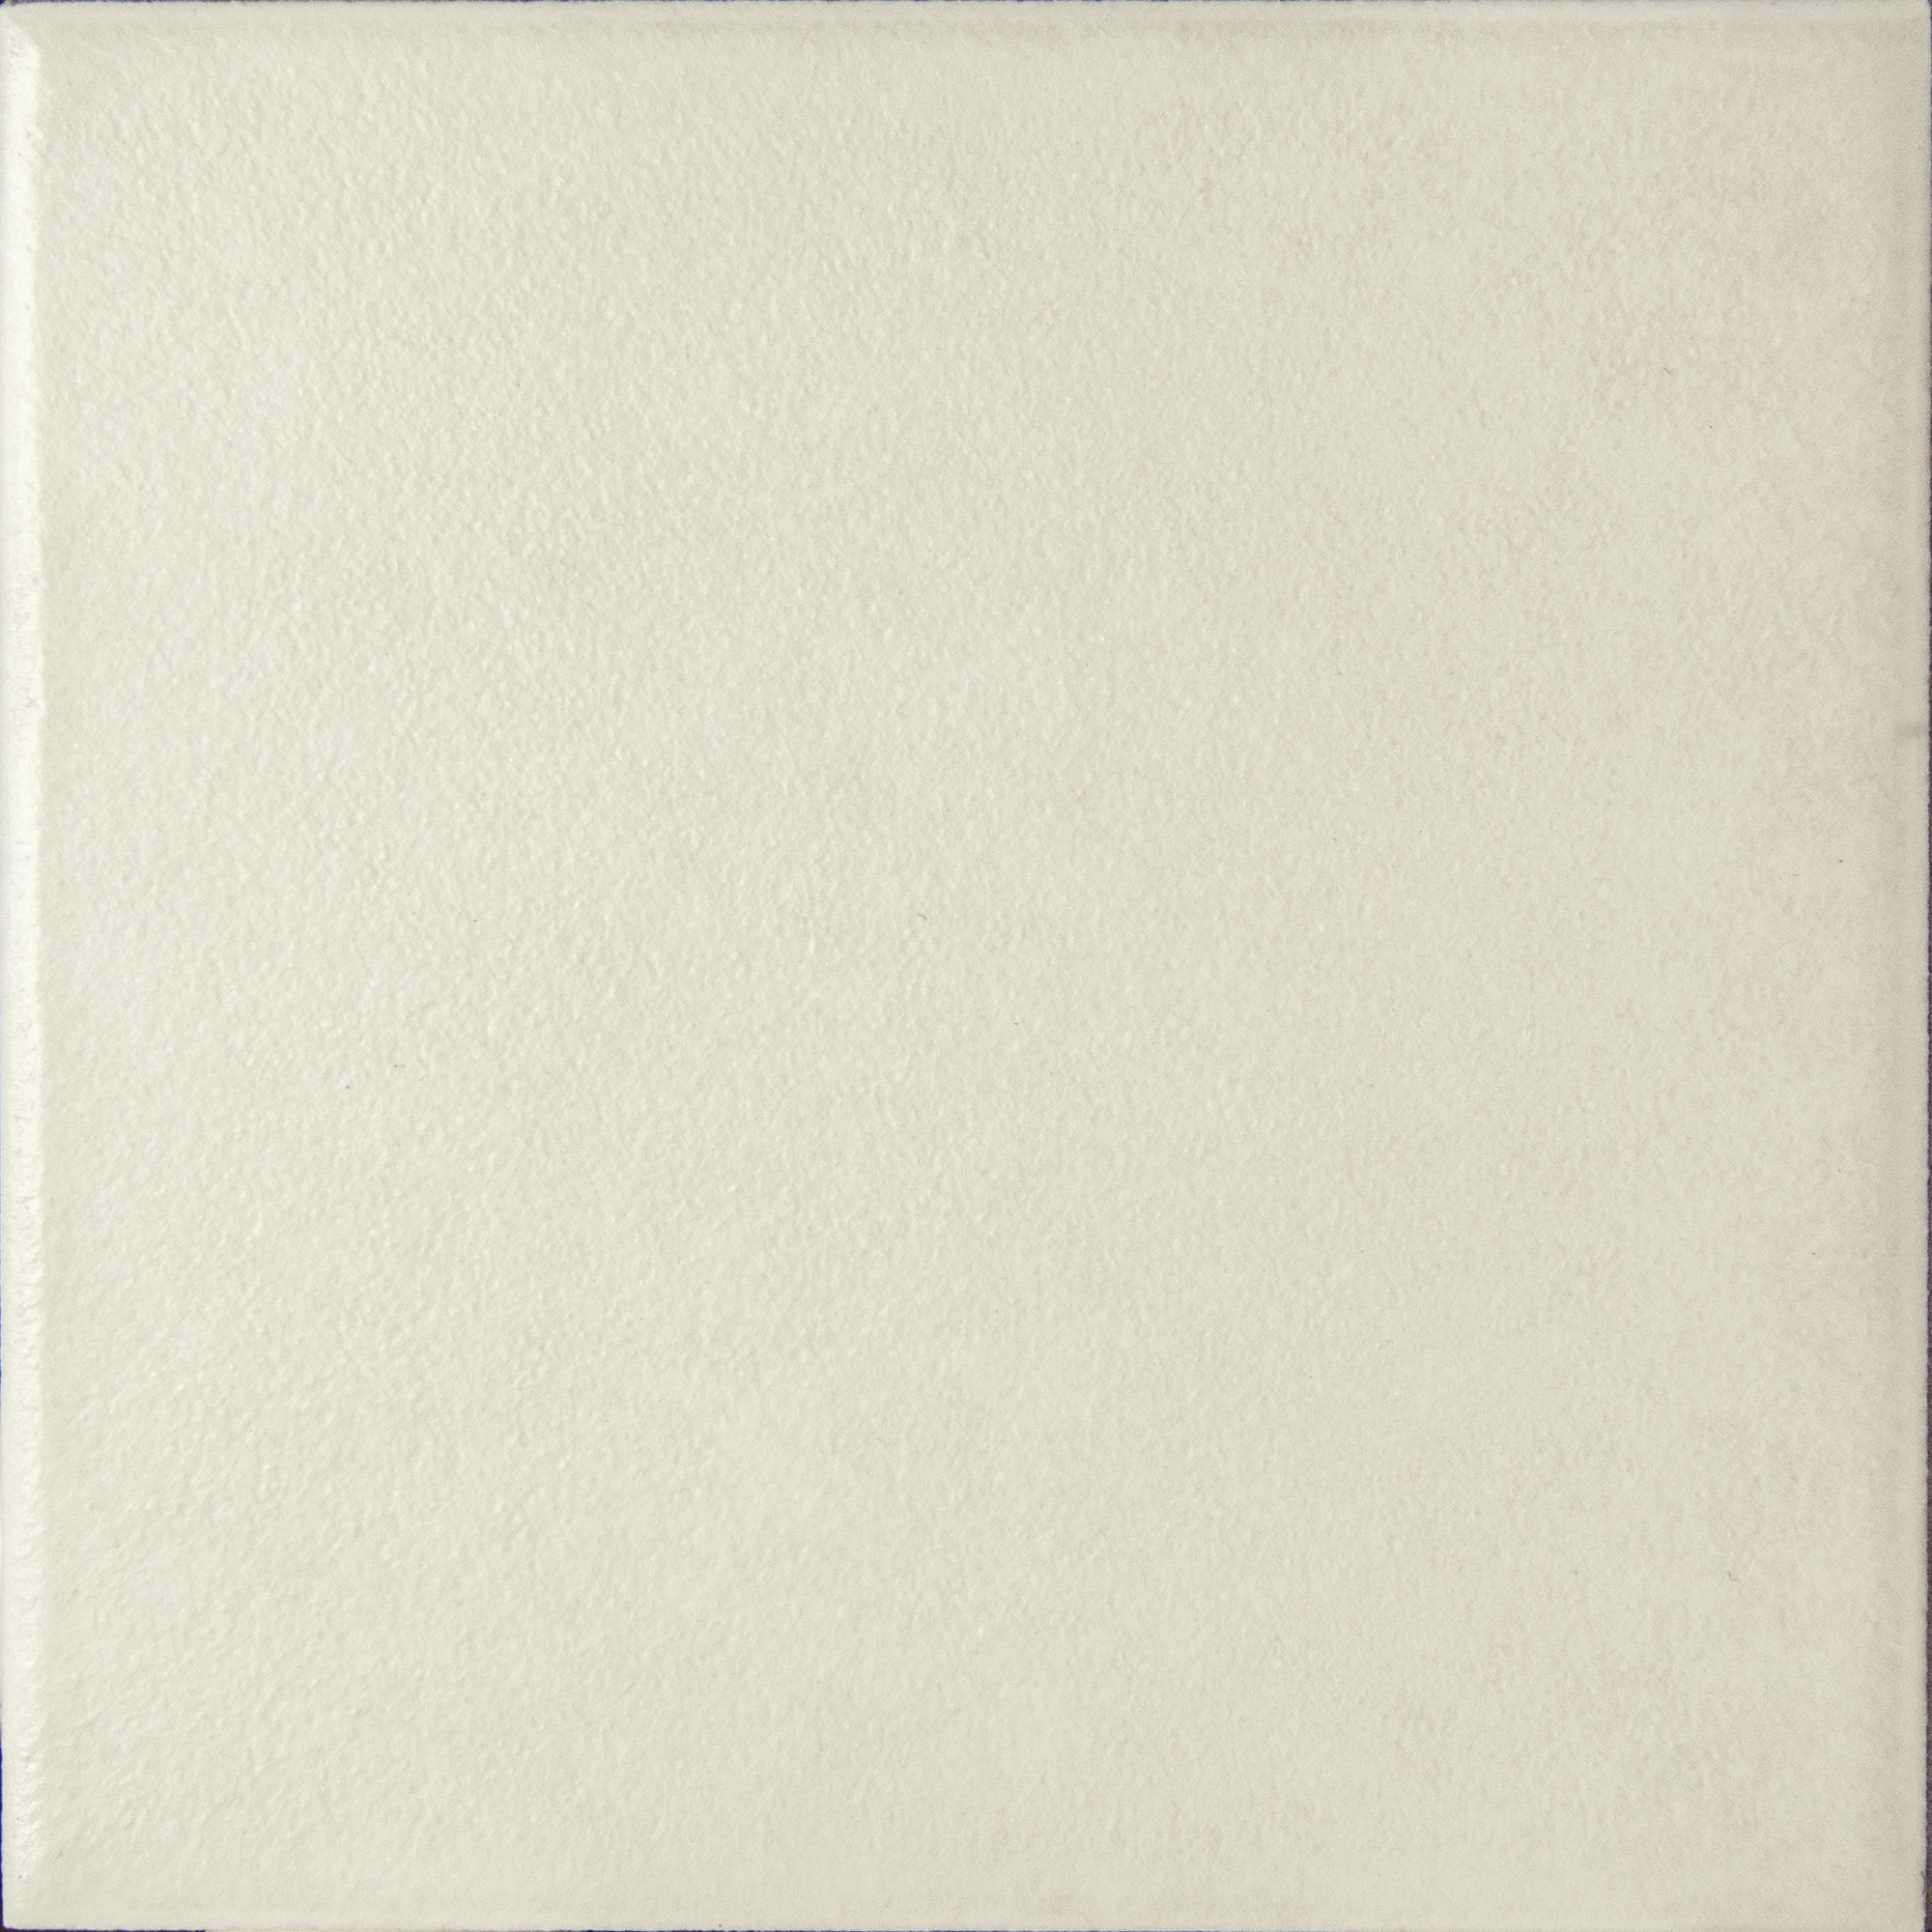 8610-01, Geo, Valkoinen, lattia,pakkasenkesto